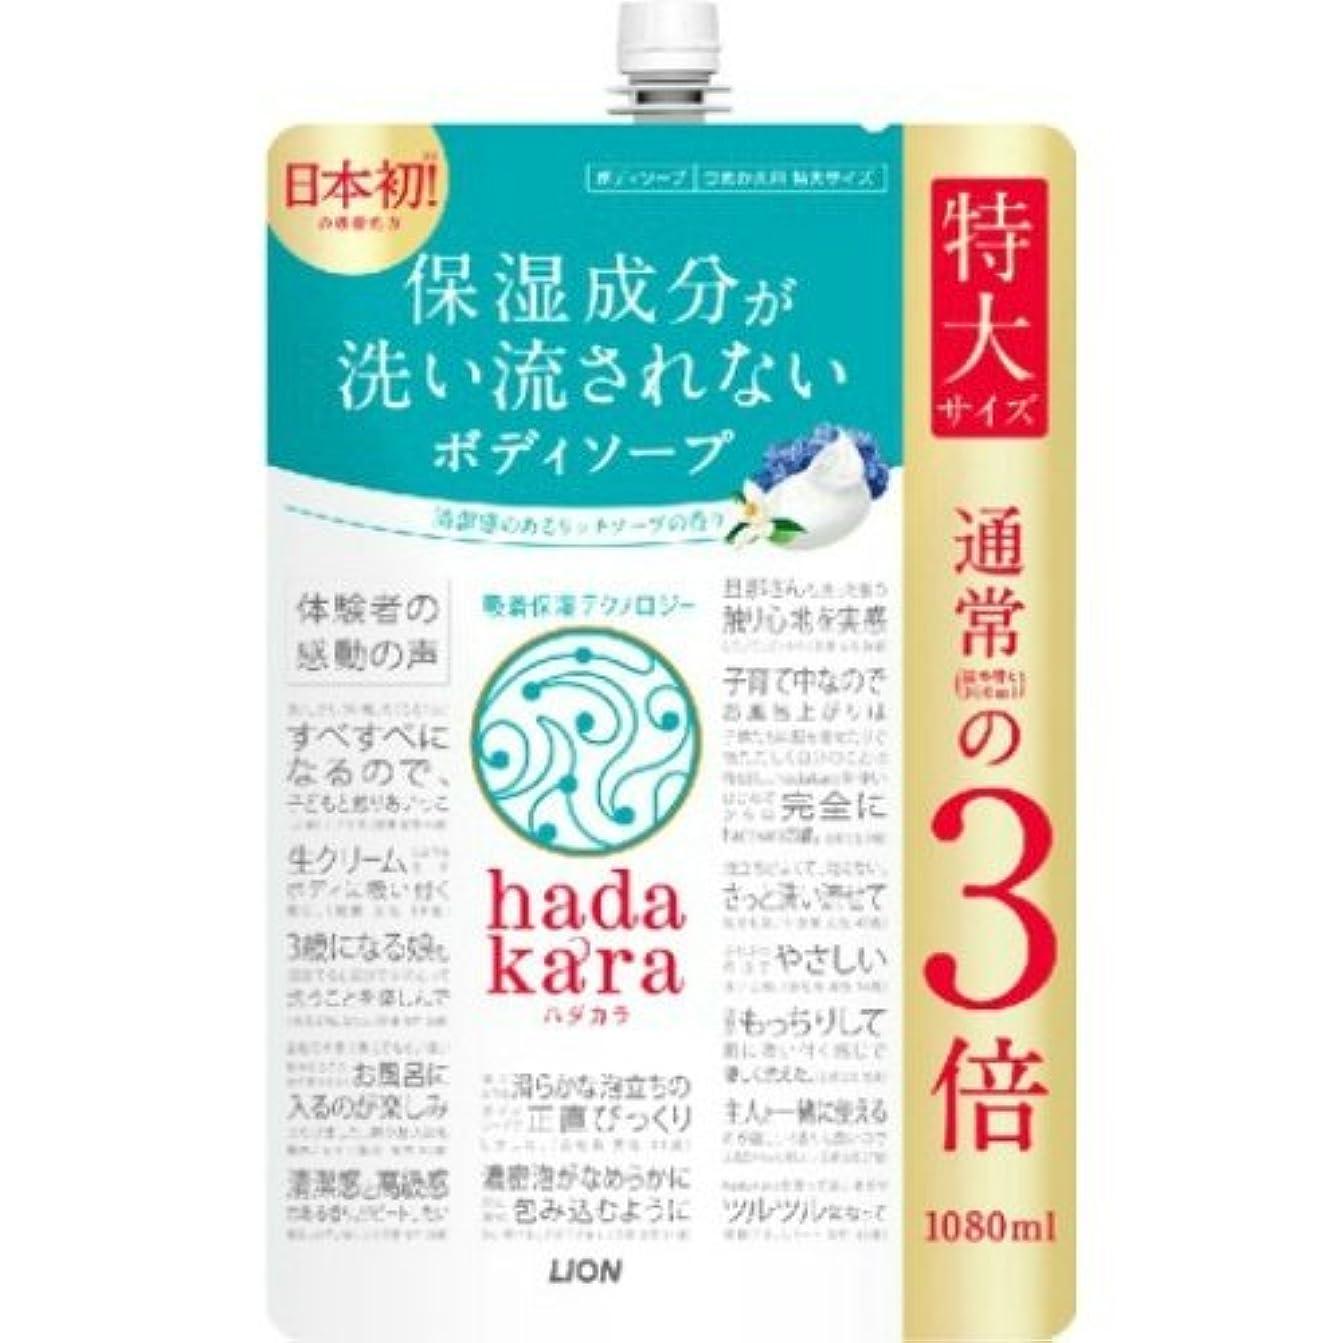 ぼんやりした取得福祉LION ライオン hadakara ハダカラ ボディソープ リッチソープの香り つめかえ用 特大サイズ 1080ml ×3点セット(4903301260882)